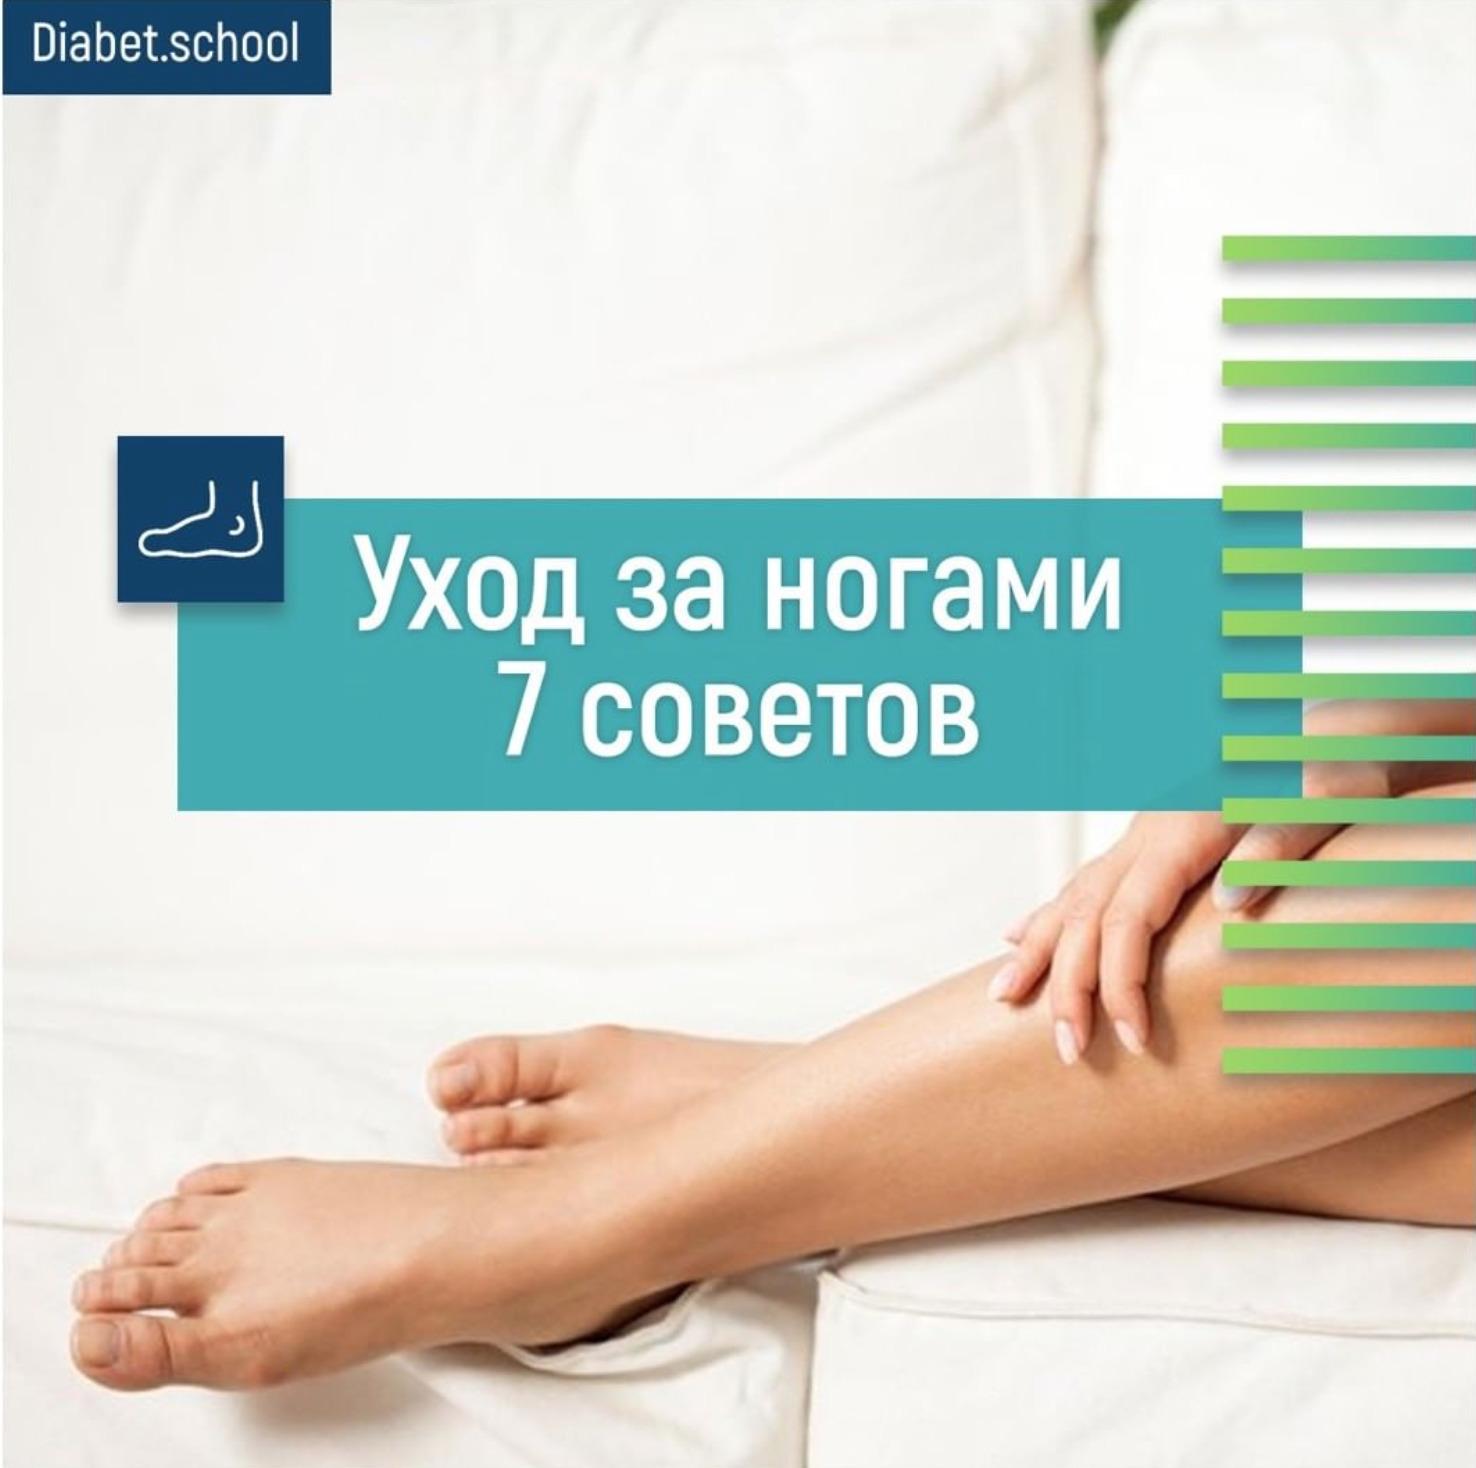 Перечень простых советов по уходу за ногами: